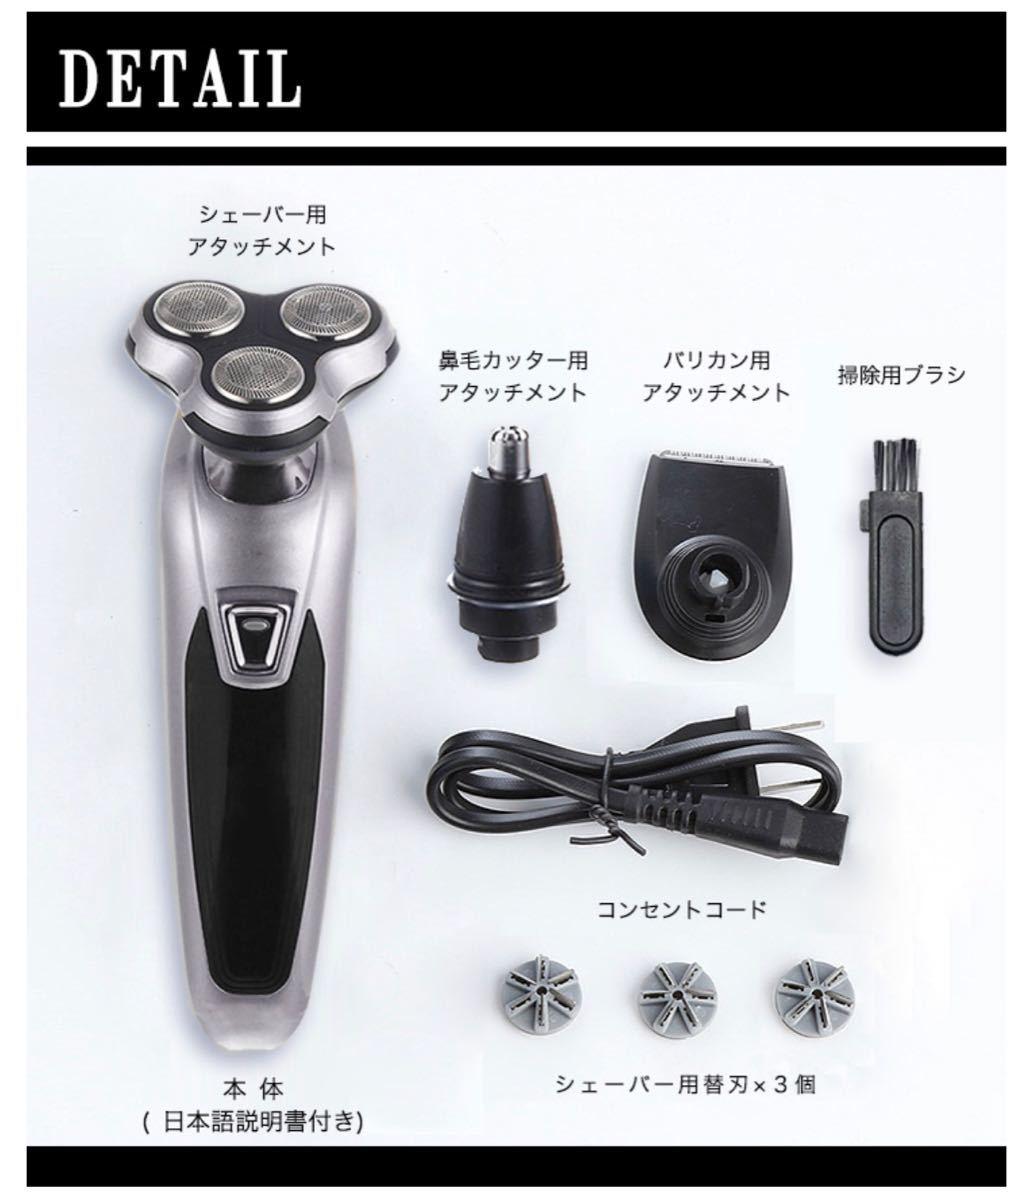 シェーバー 電動シェーバー 髭剃り 3wayシェーバー 3ロータリー式 6枚刃 水洗い可能 軽量 効率的 スピーディー ヘッド交換